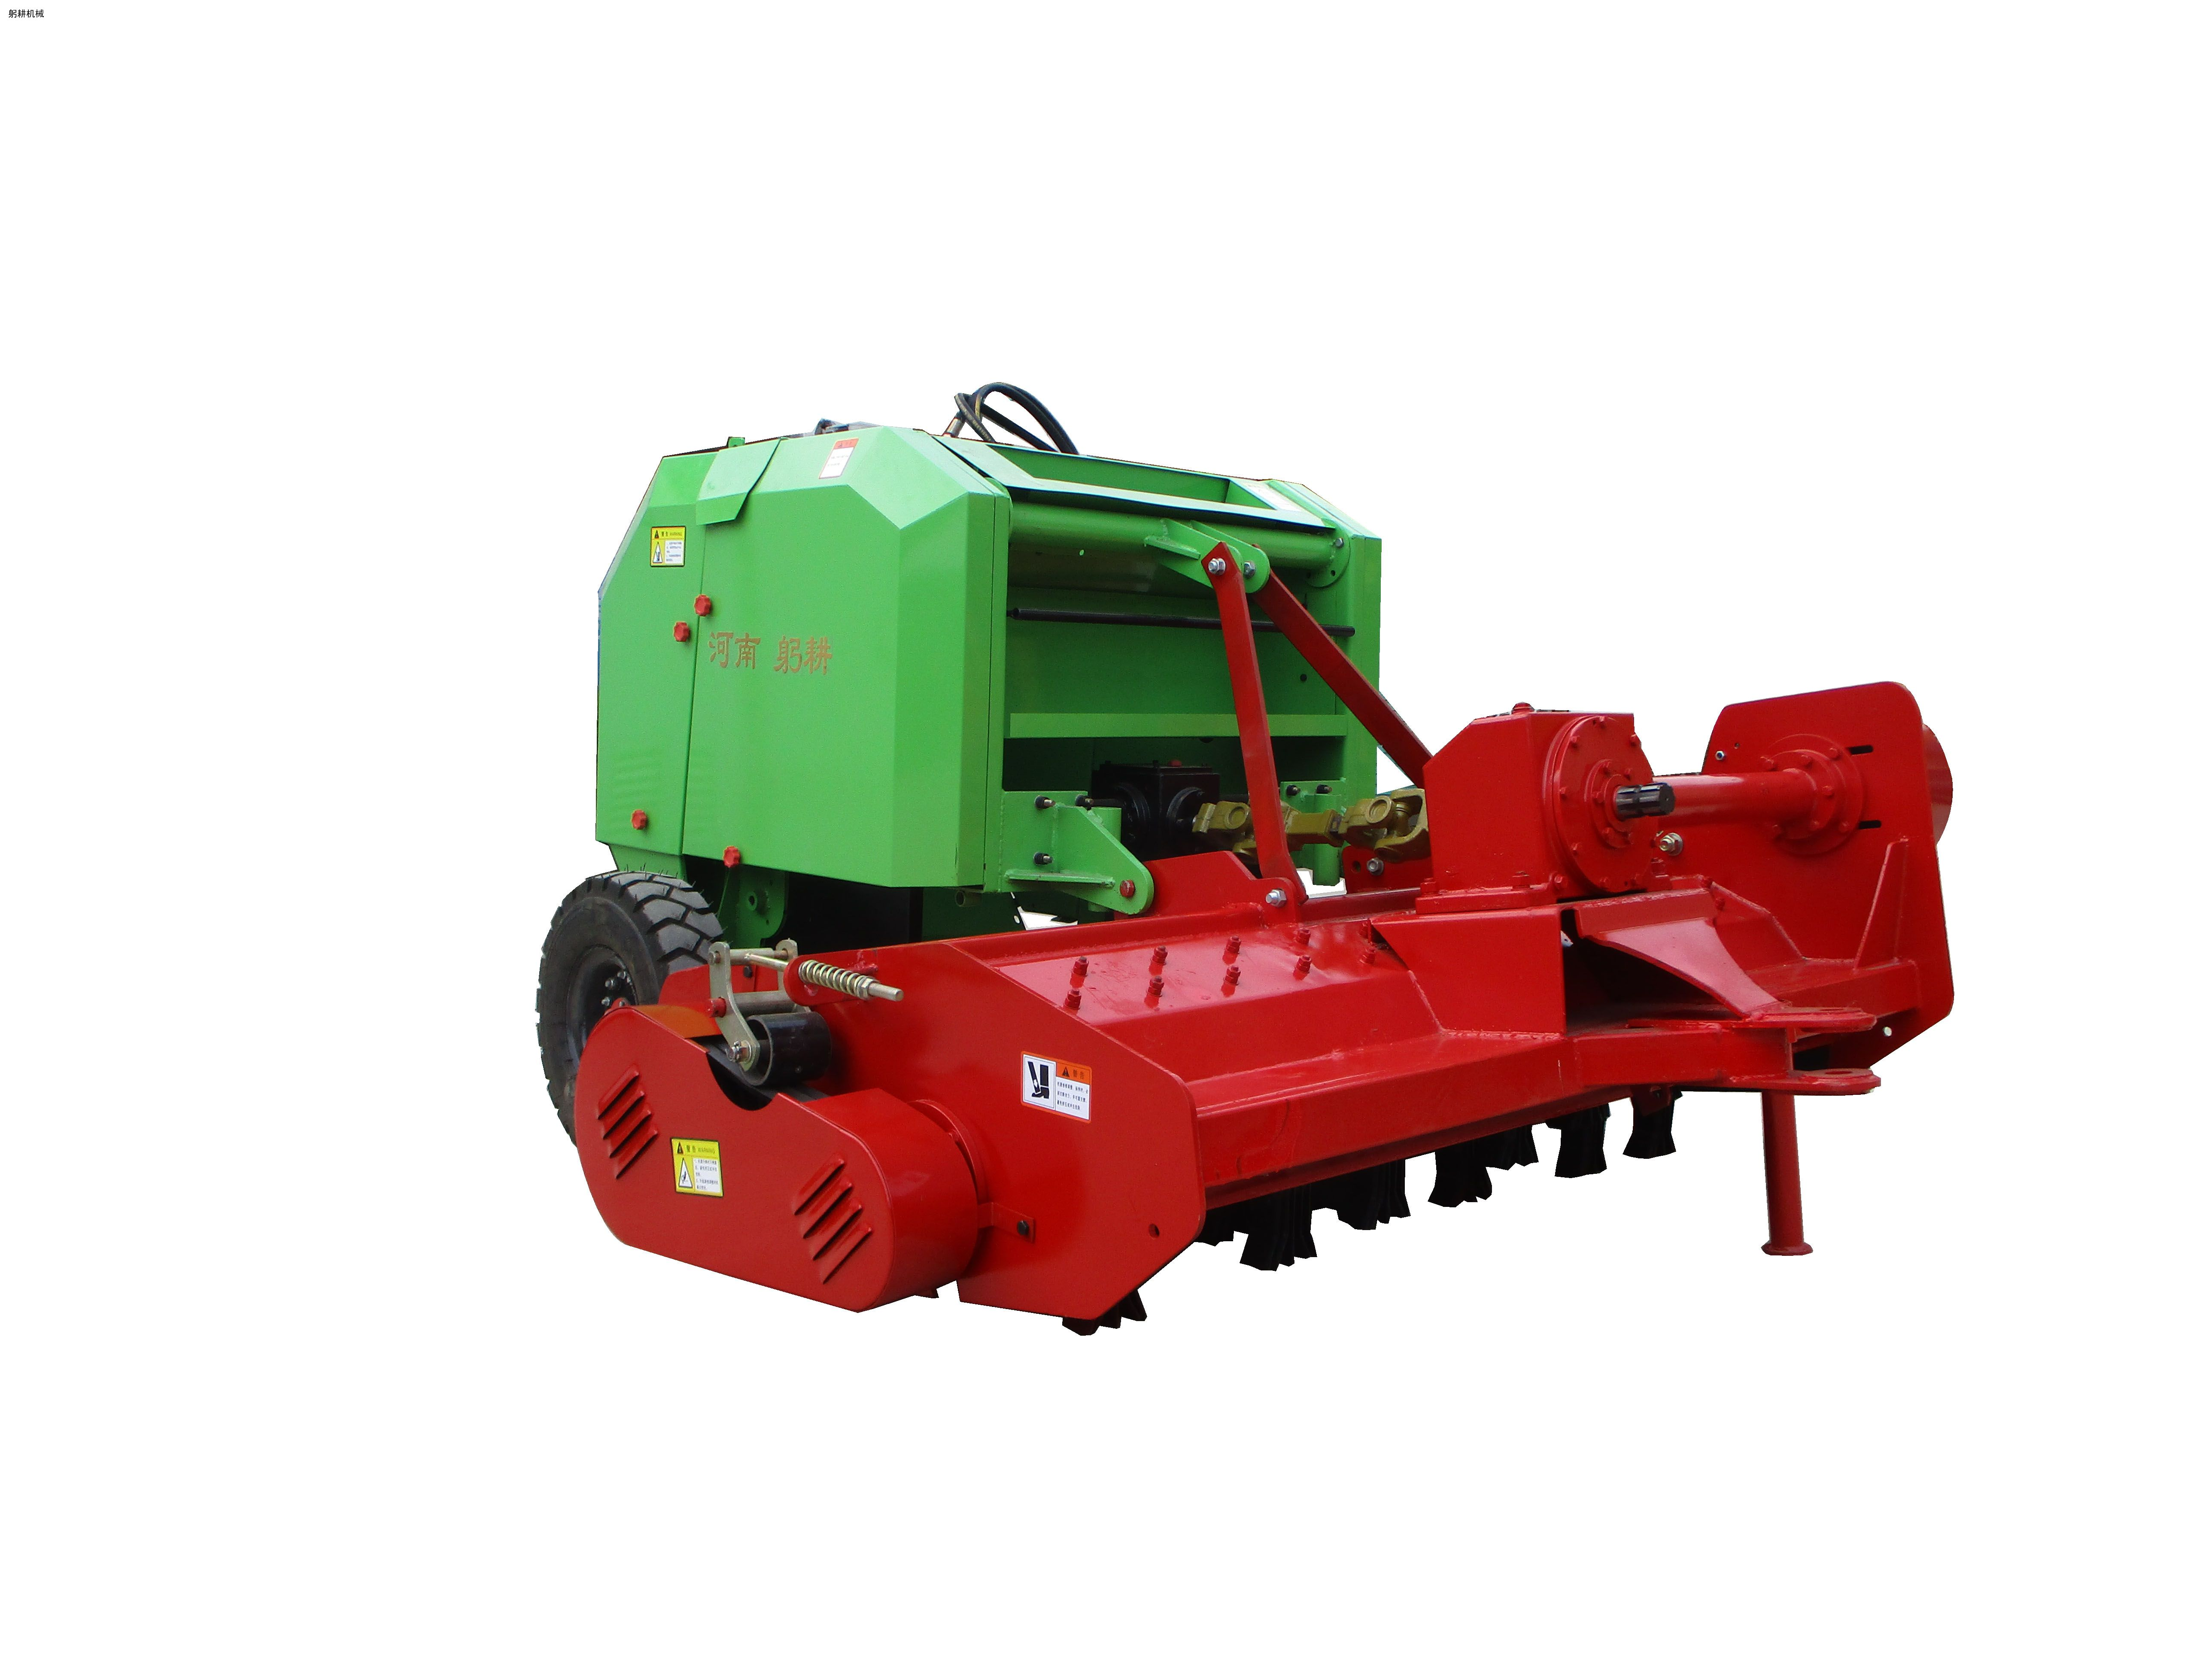 河南省躬耕農業機械制造有限公司年產2萬臺小麥收割機、玉米收割機、玉米單粒精密播種機項目竣工公示